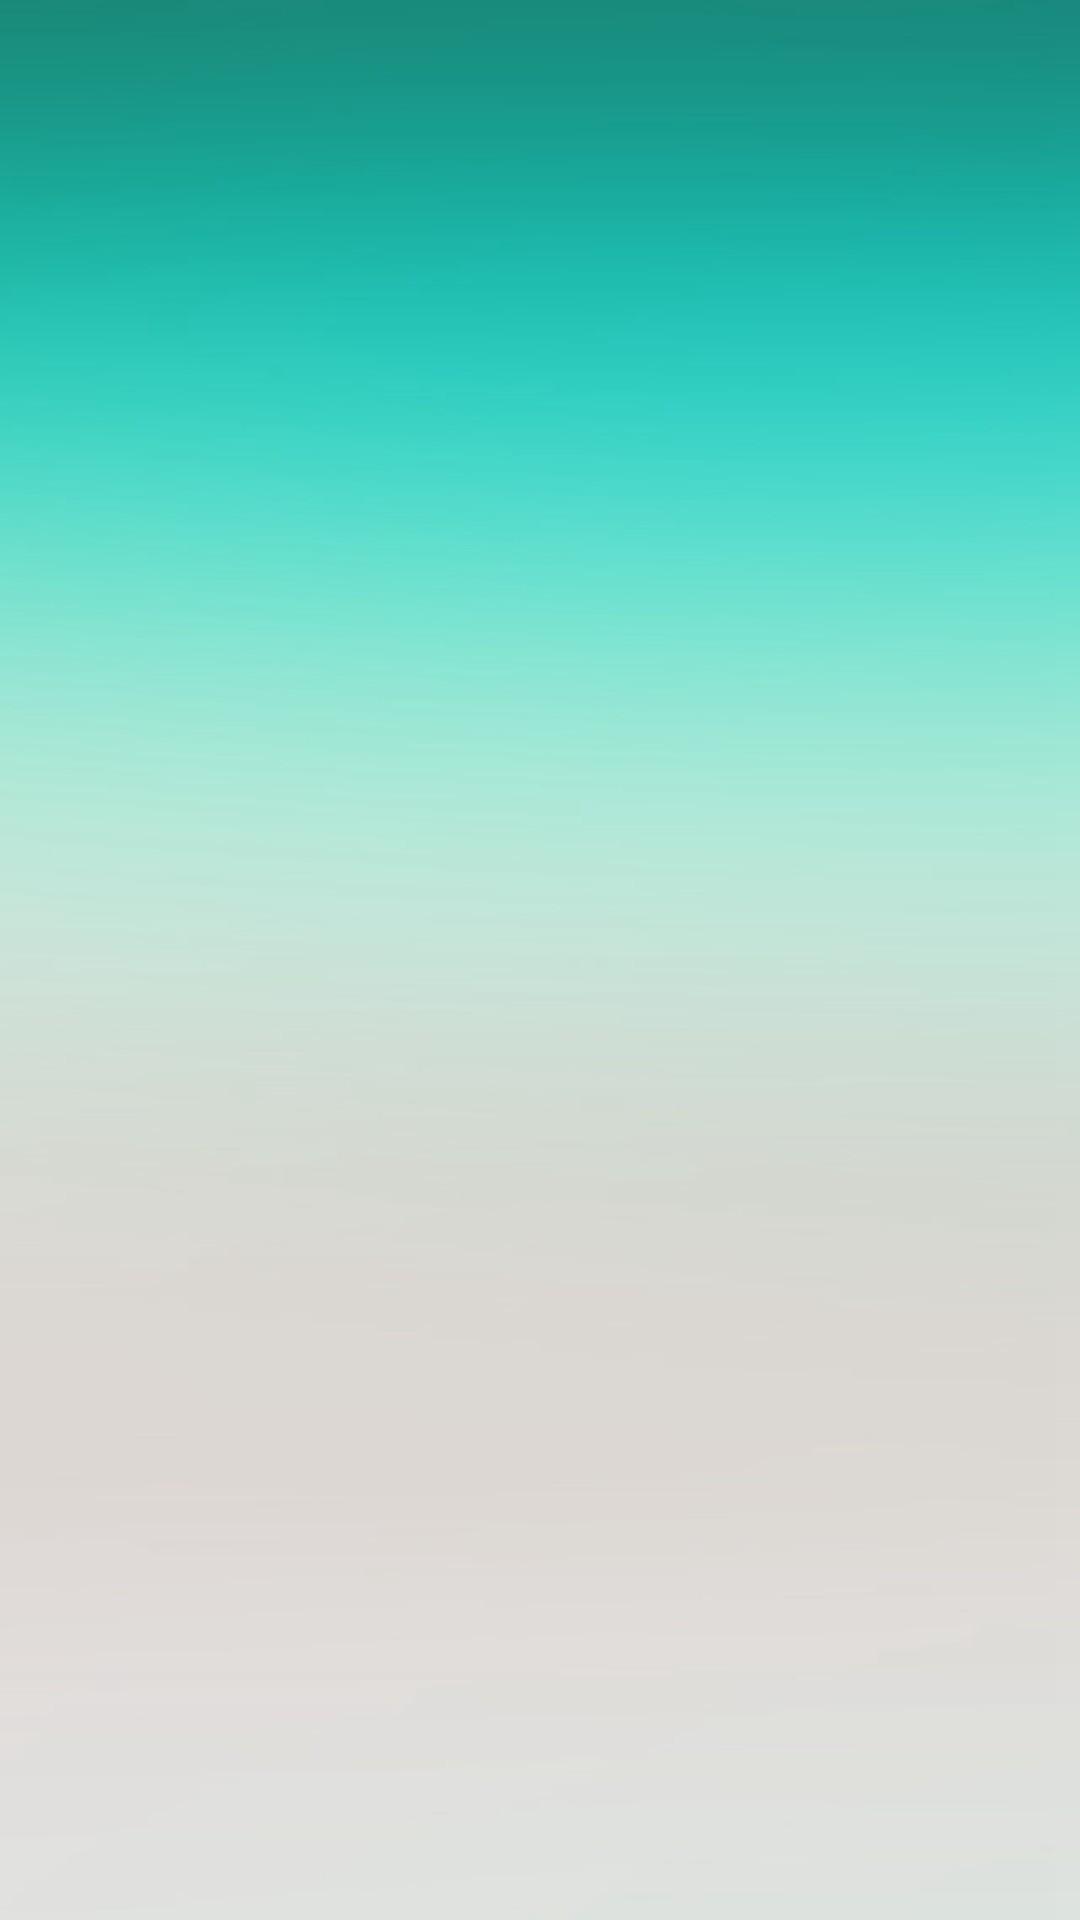 Aqua Blue Iphone Wallpapers Wallpaper Cave